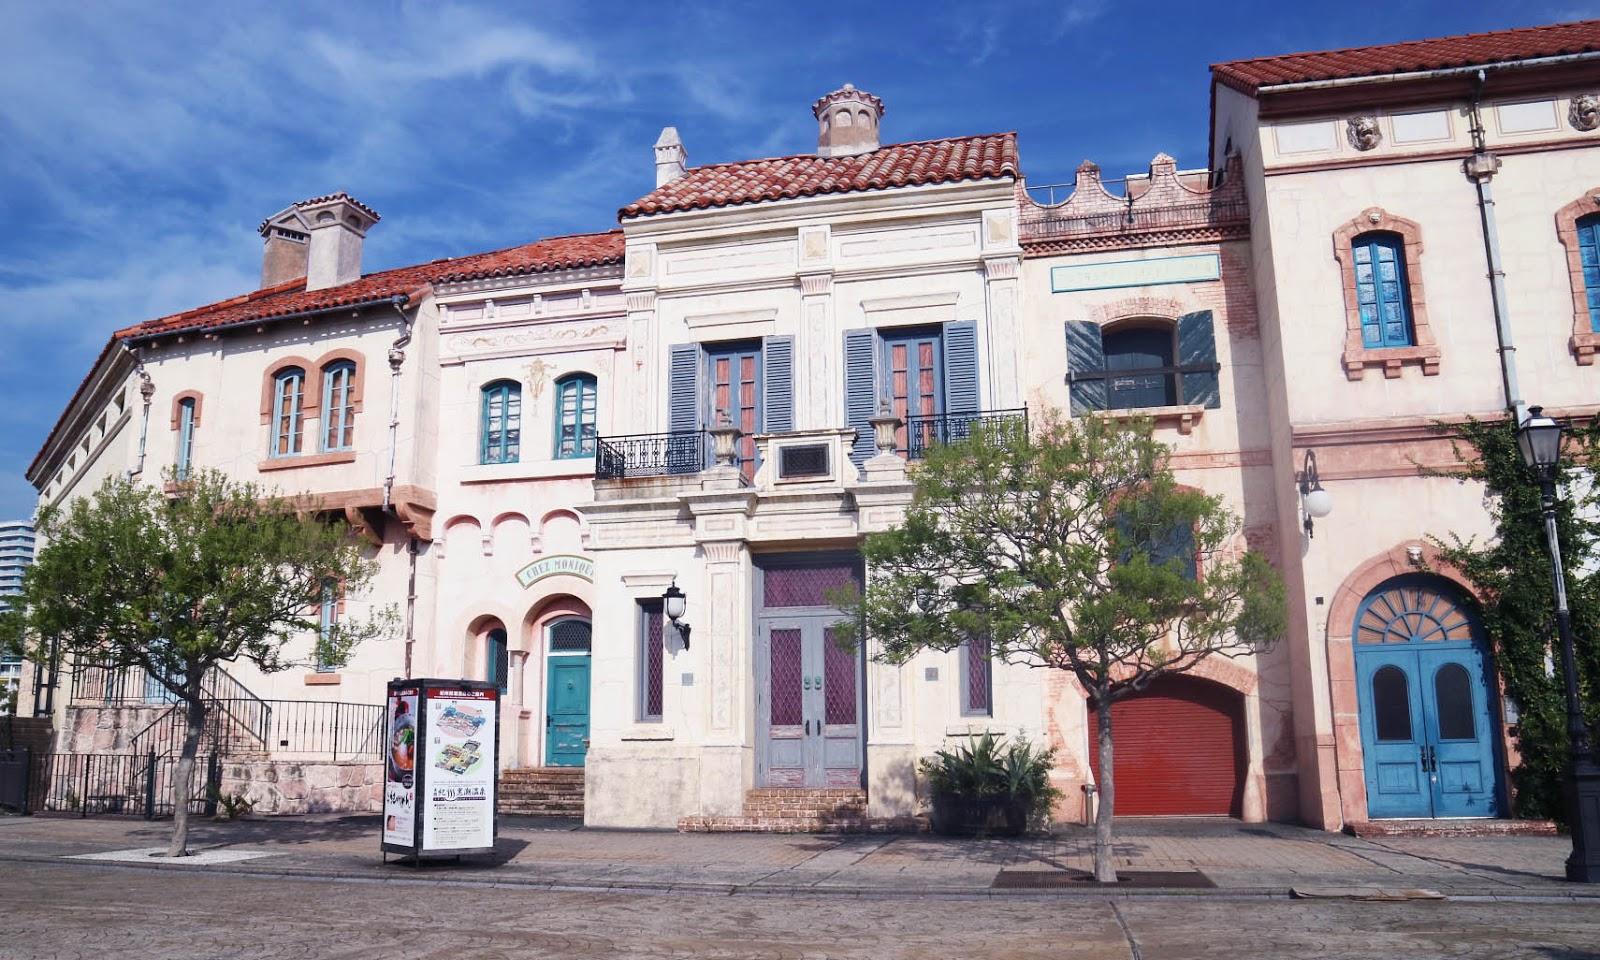 Wakayama Marina City/Porto Europa